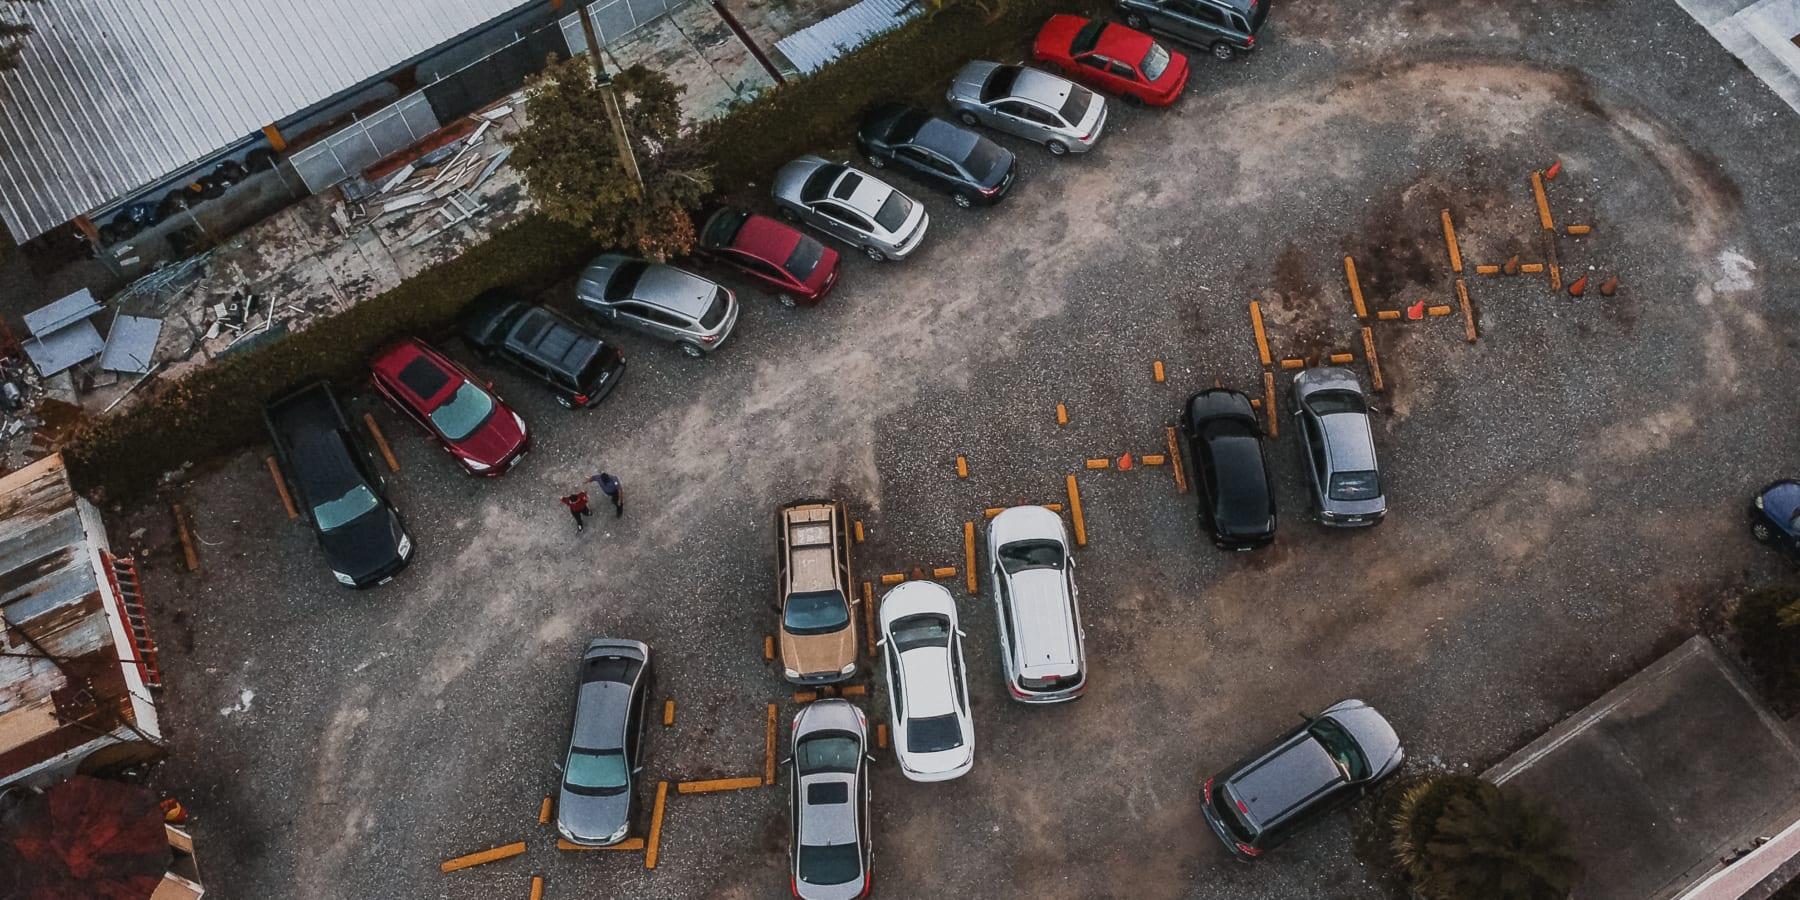 ペットボトル持ち込みで割引になる駐車場「CitiPark」